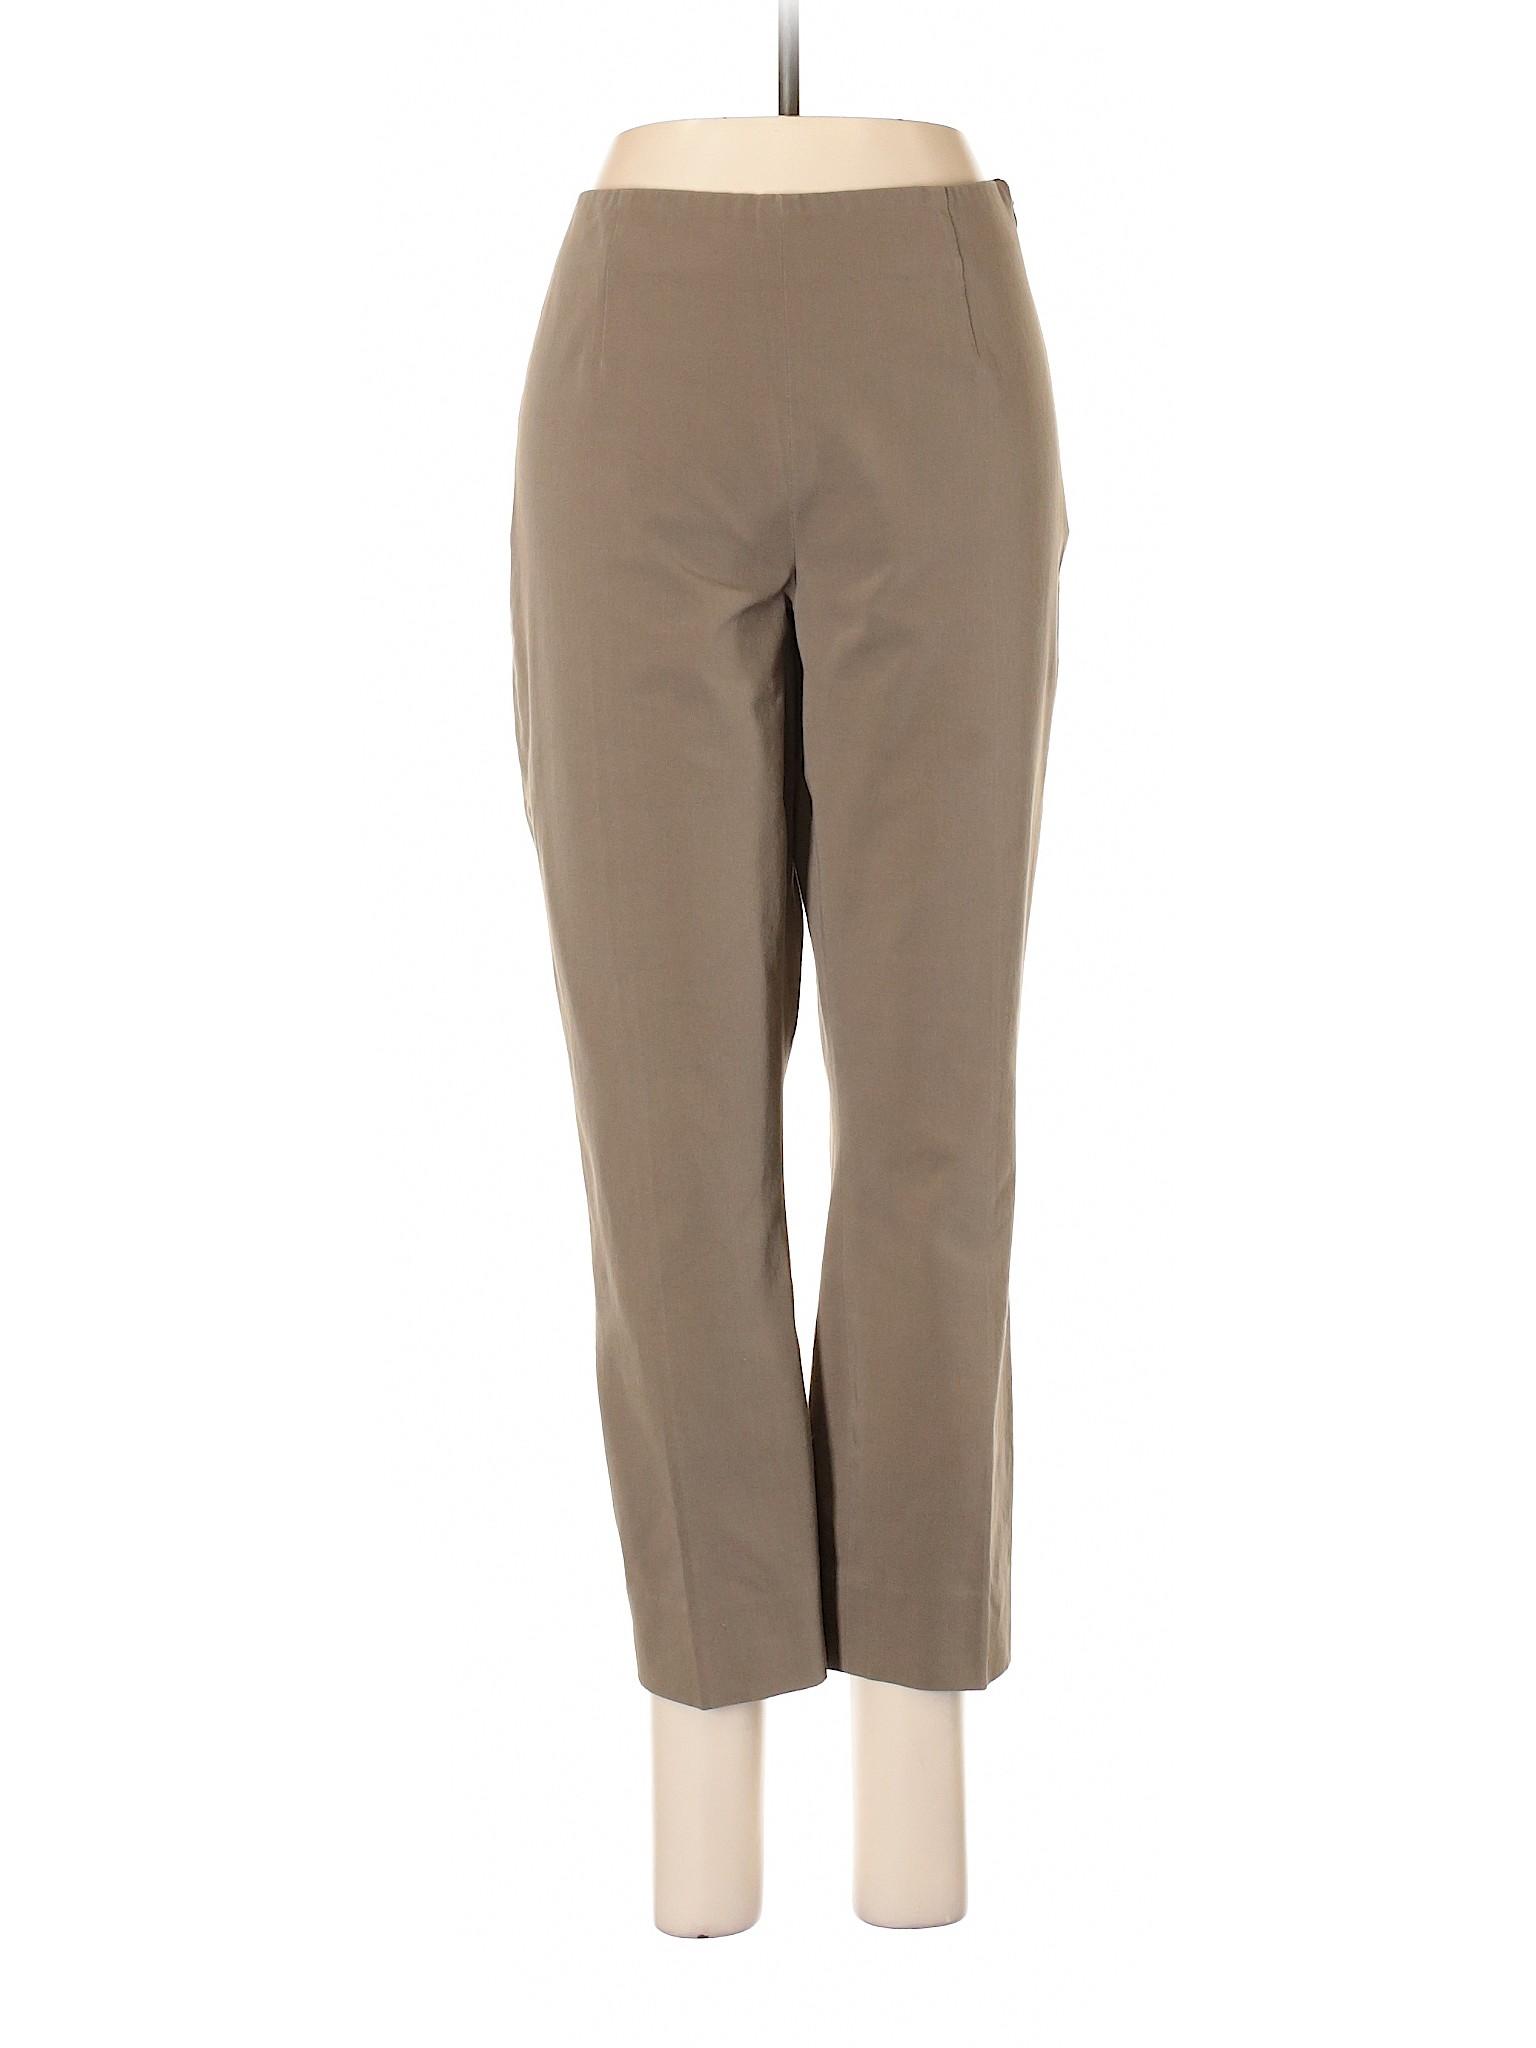 leisure Dress Boutique Tahari Pants Elie X1nYvd